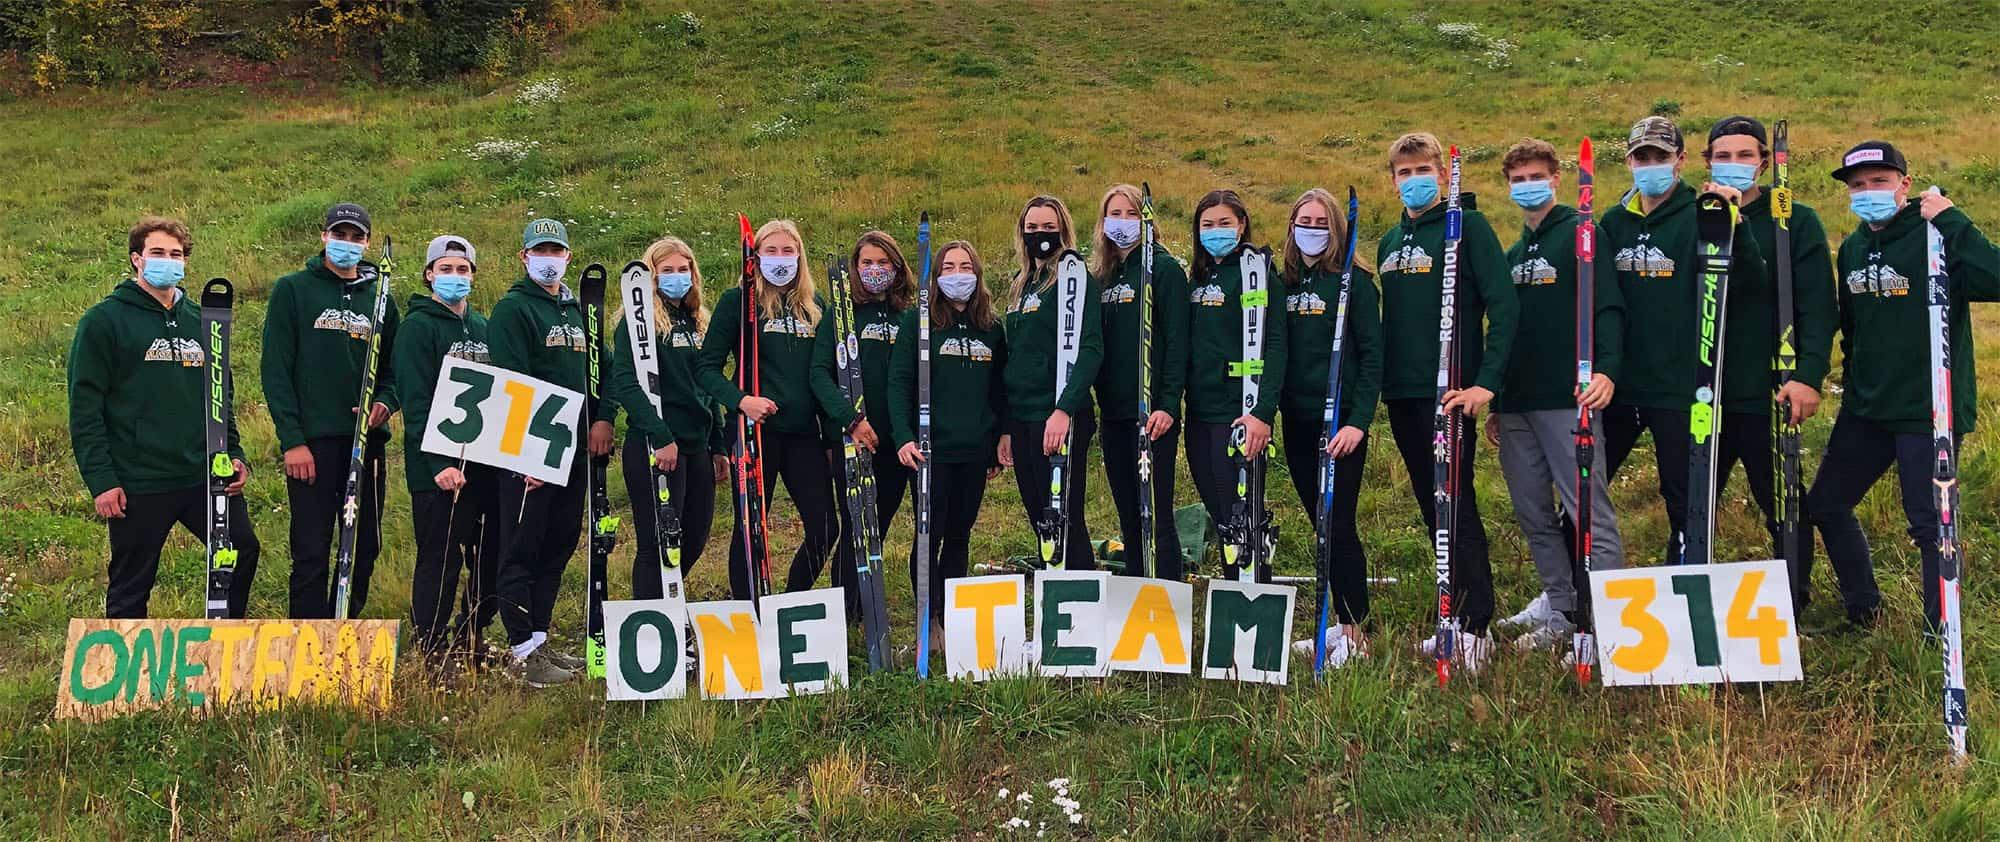 UAA Ski Team One Team 314 Campaign